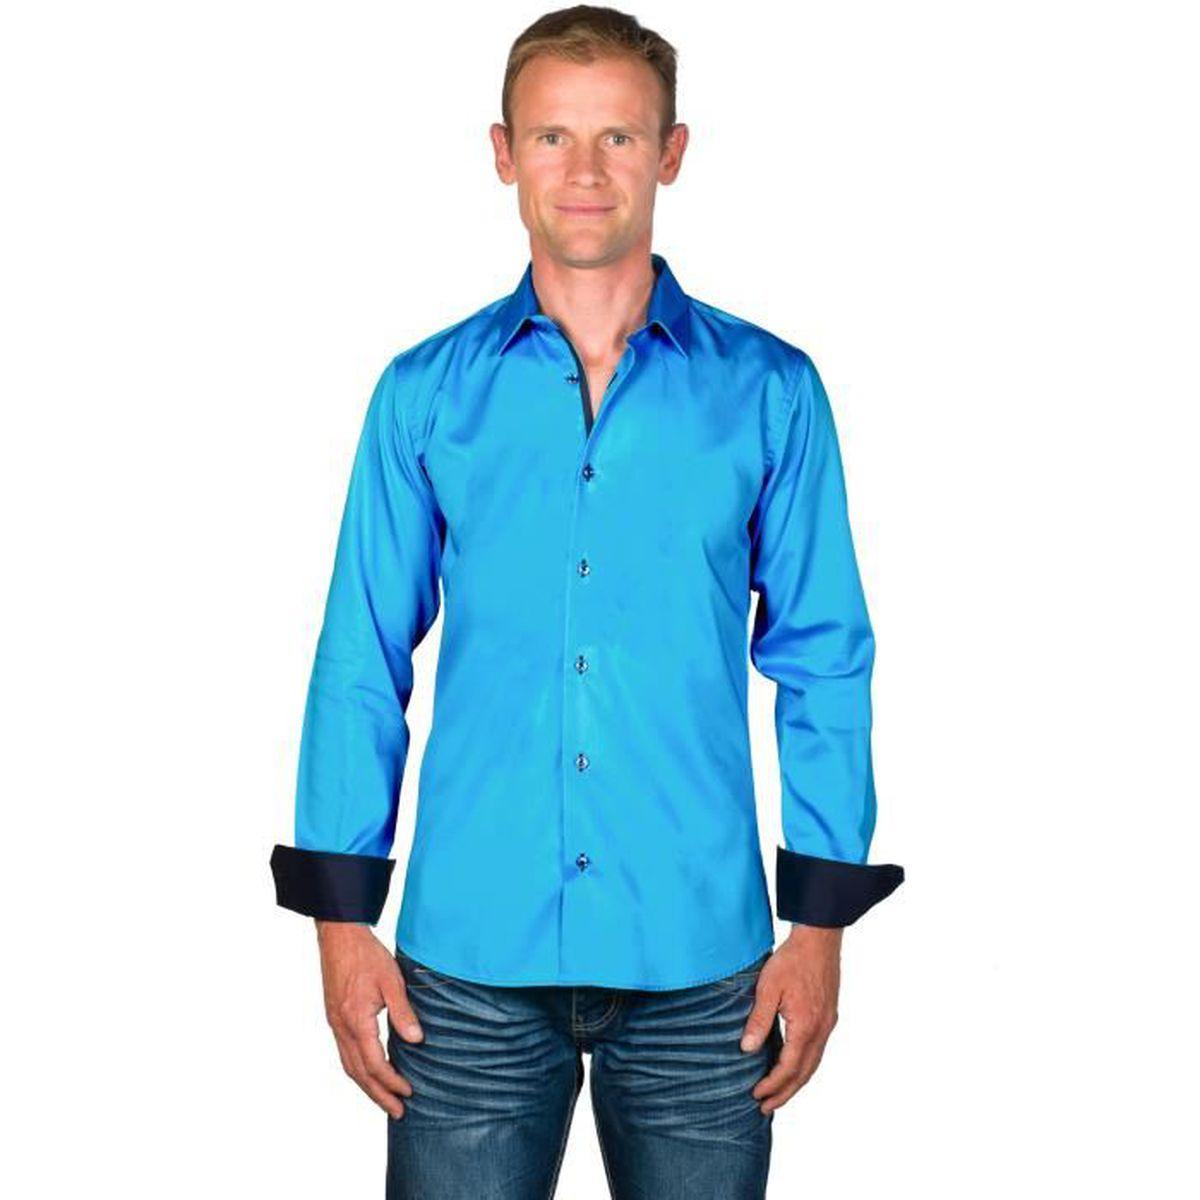 Meadrine Chemise Homme cintr/ée Turquoise Azur col 1 Bouton avec doublures Carreaux Noir-Azur